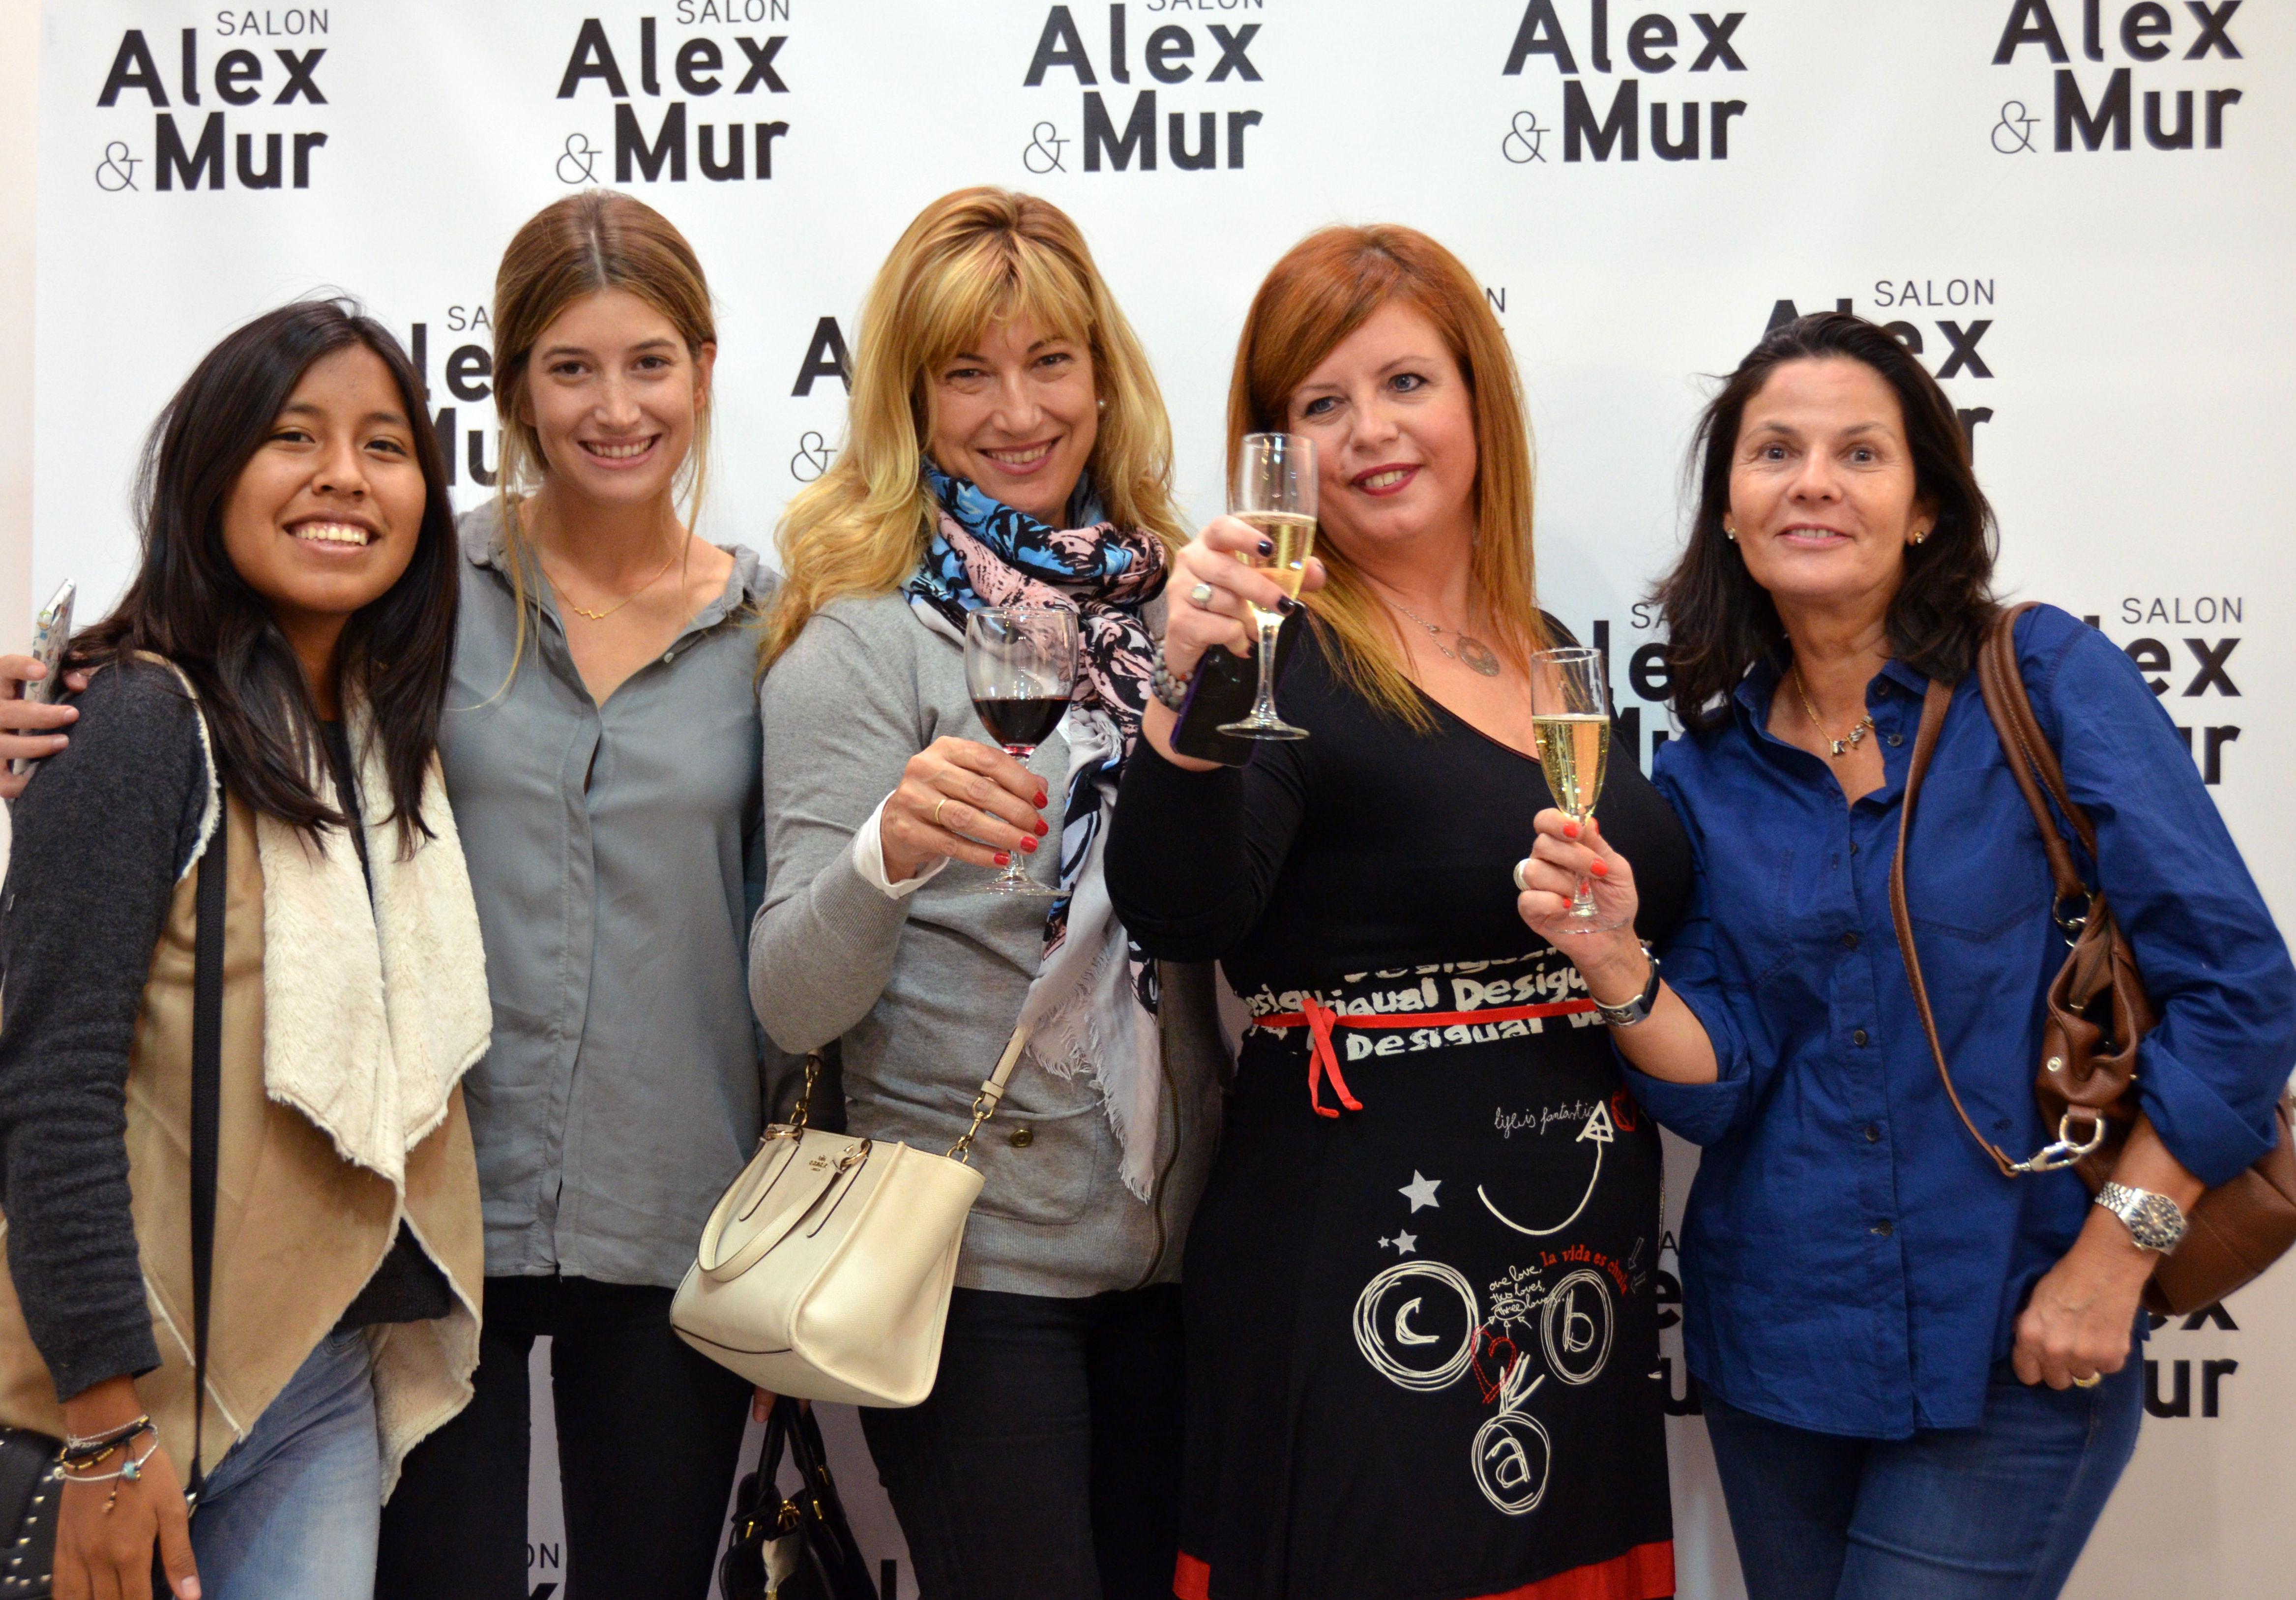 Foto 21 de Peluquerías en Madrid | Salón Alex & Mur